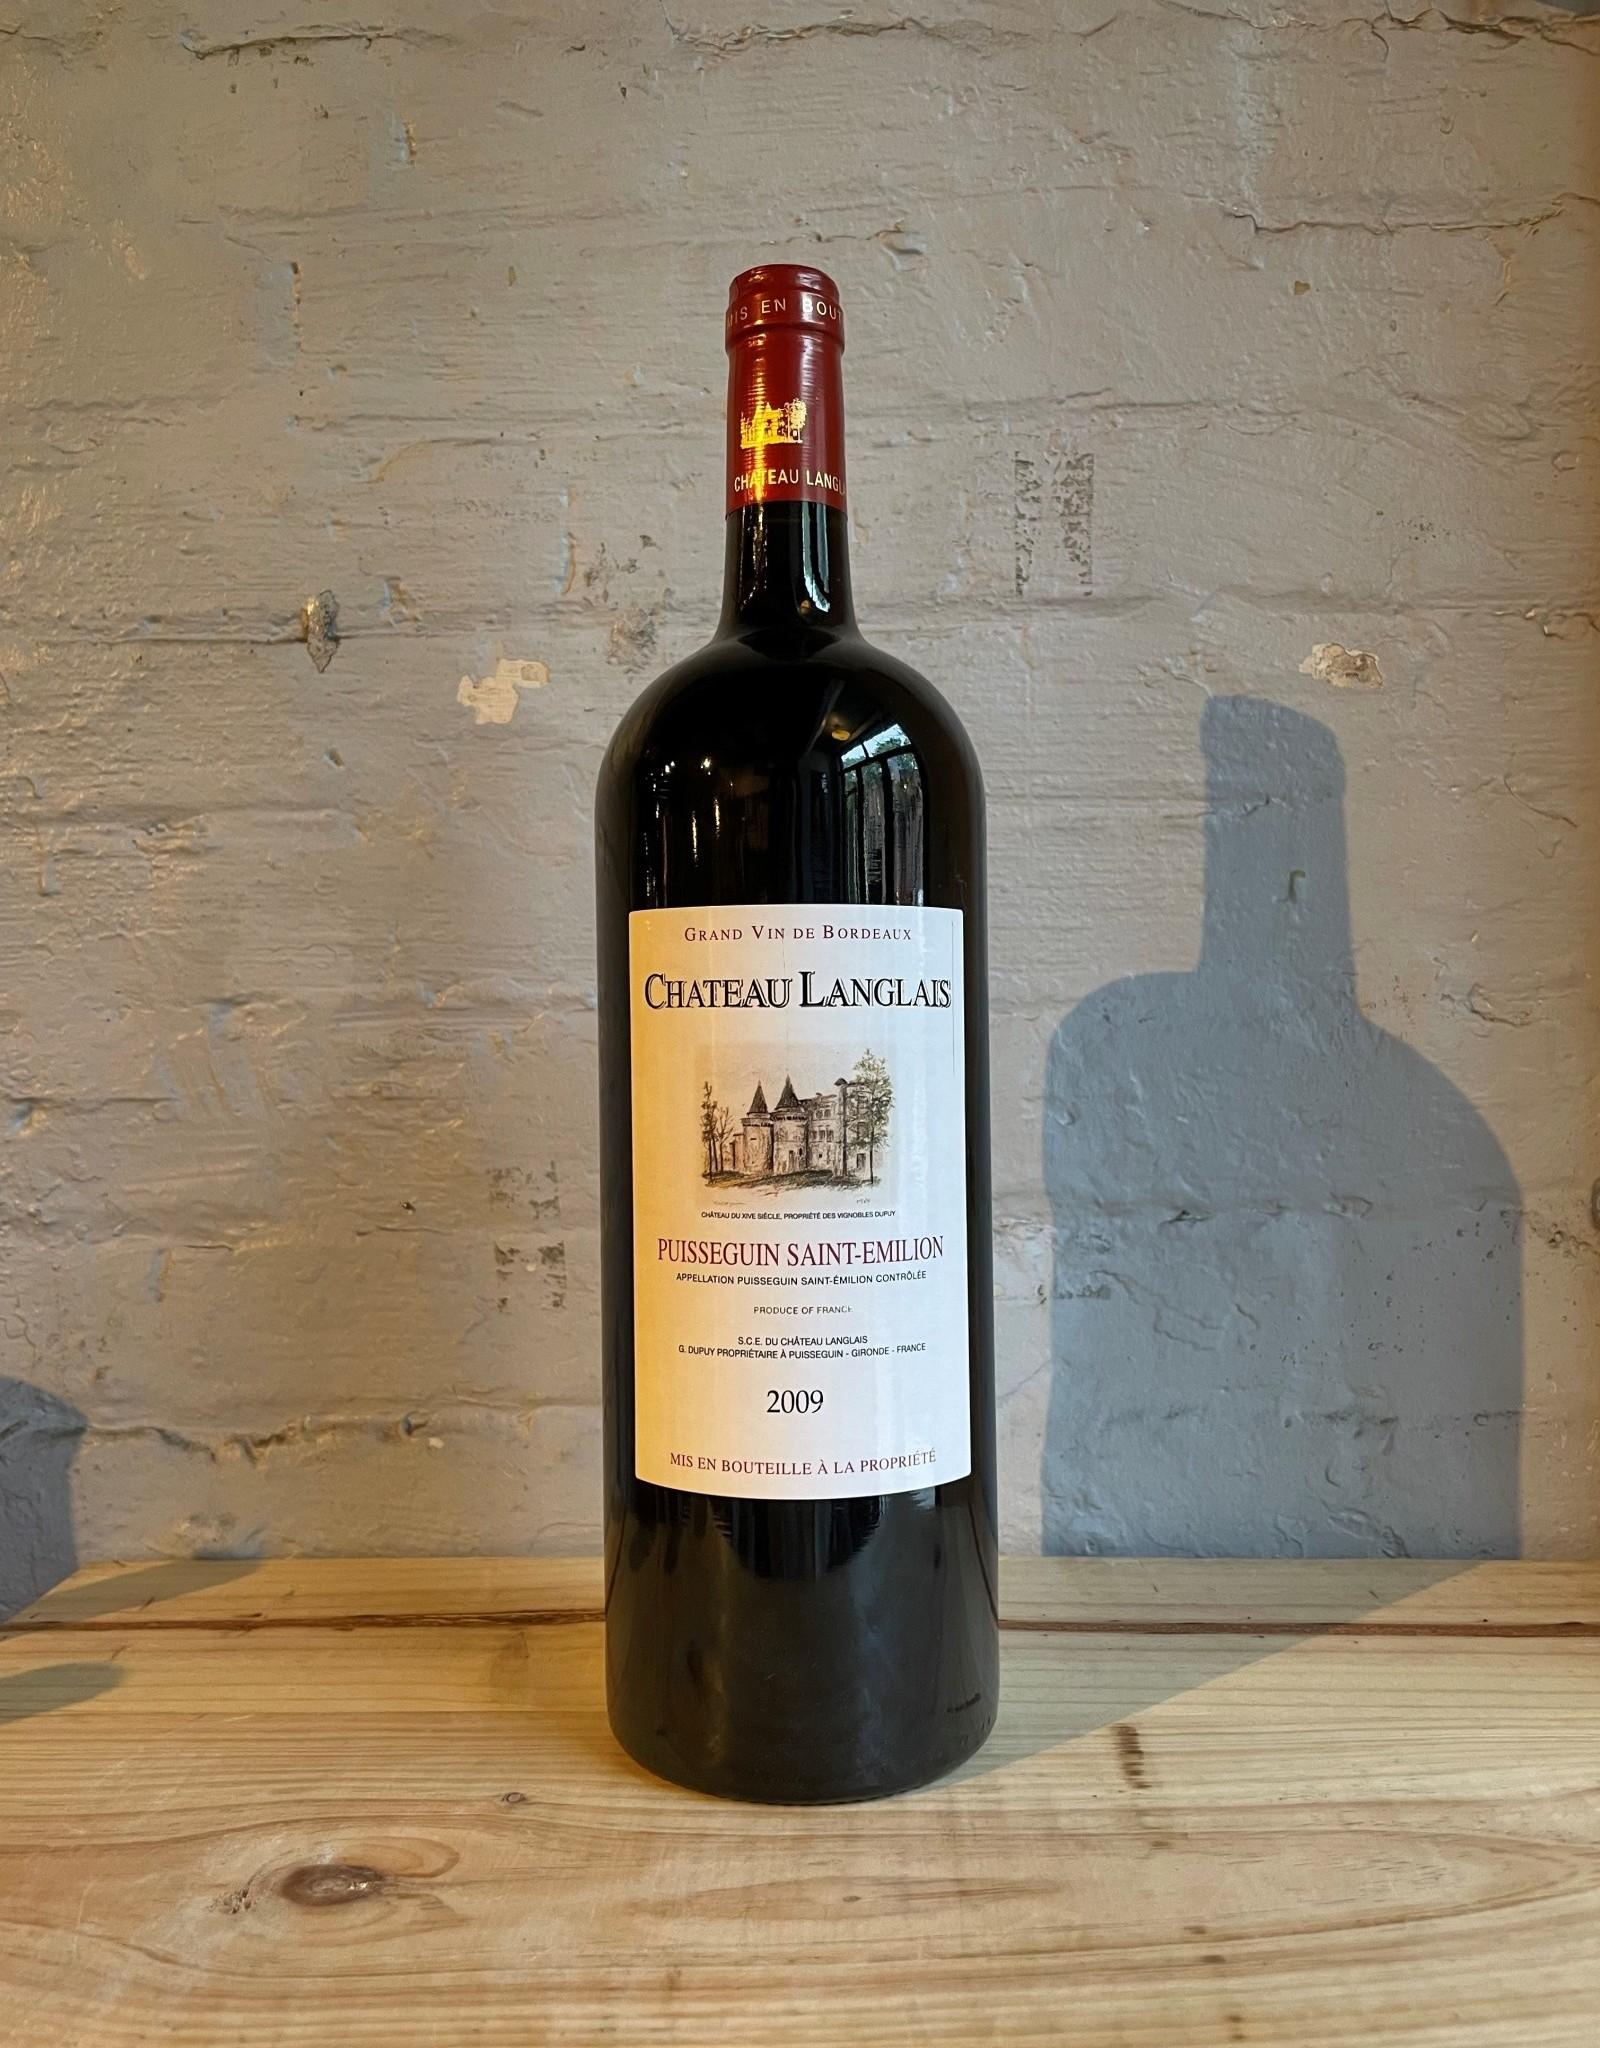 Wine 2009 Chateau Langlais Puisseguin Saint-Emilion - Bordeaux, France (1.5Ltr Magnum)